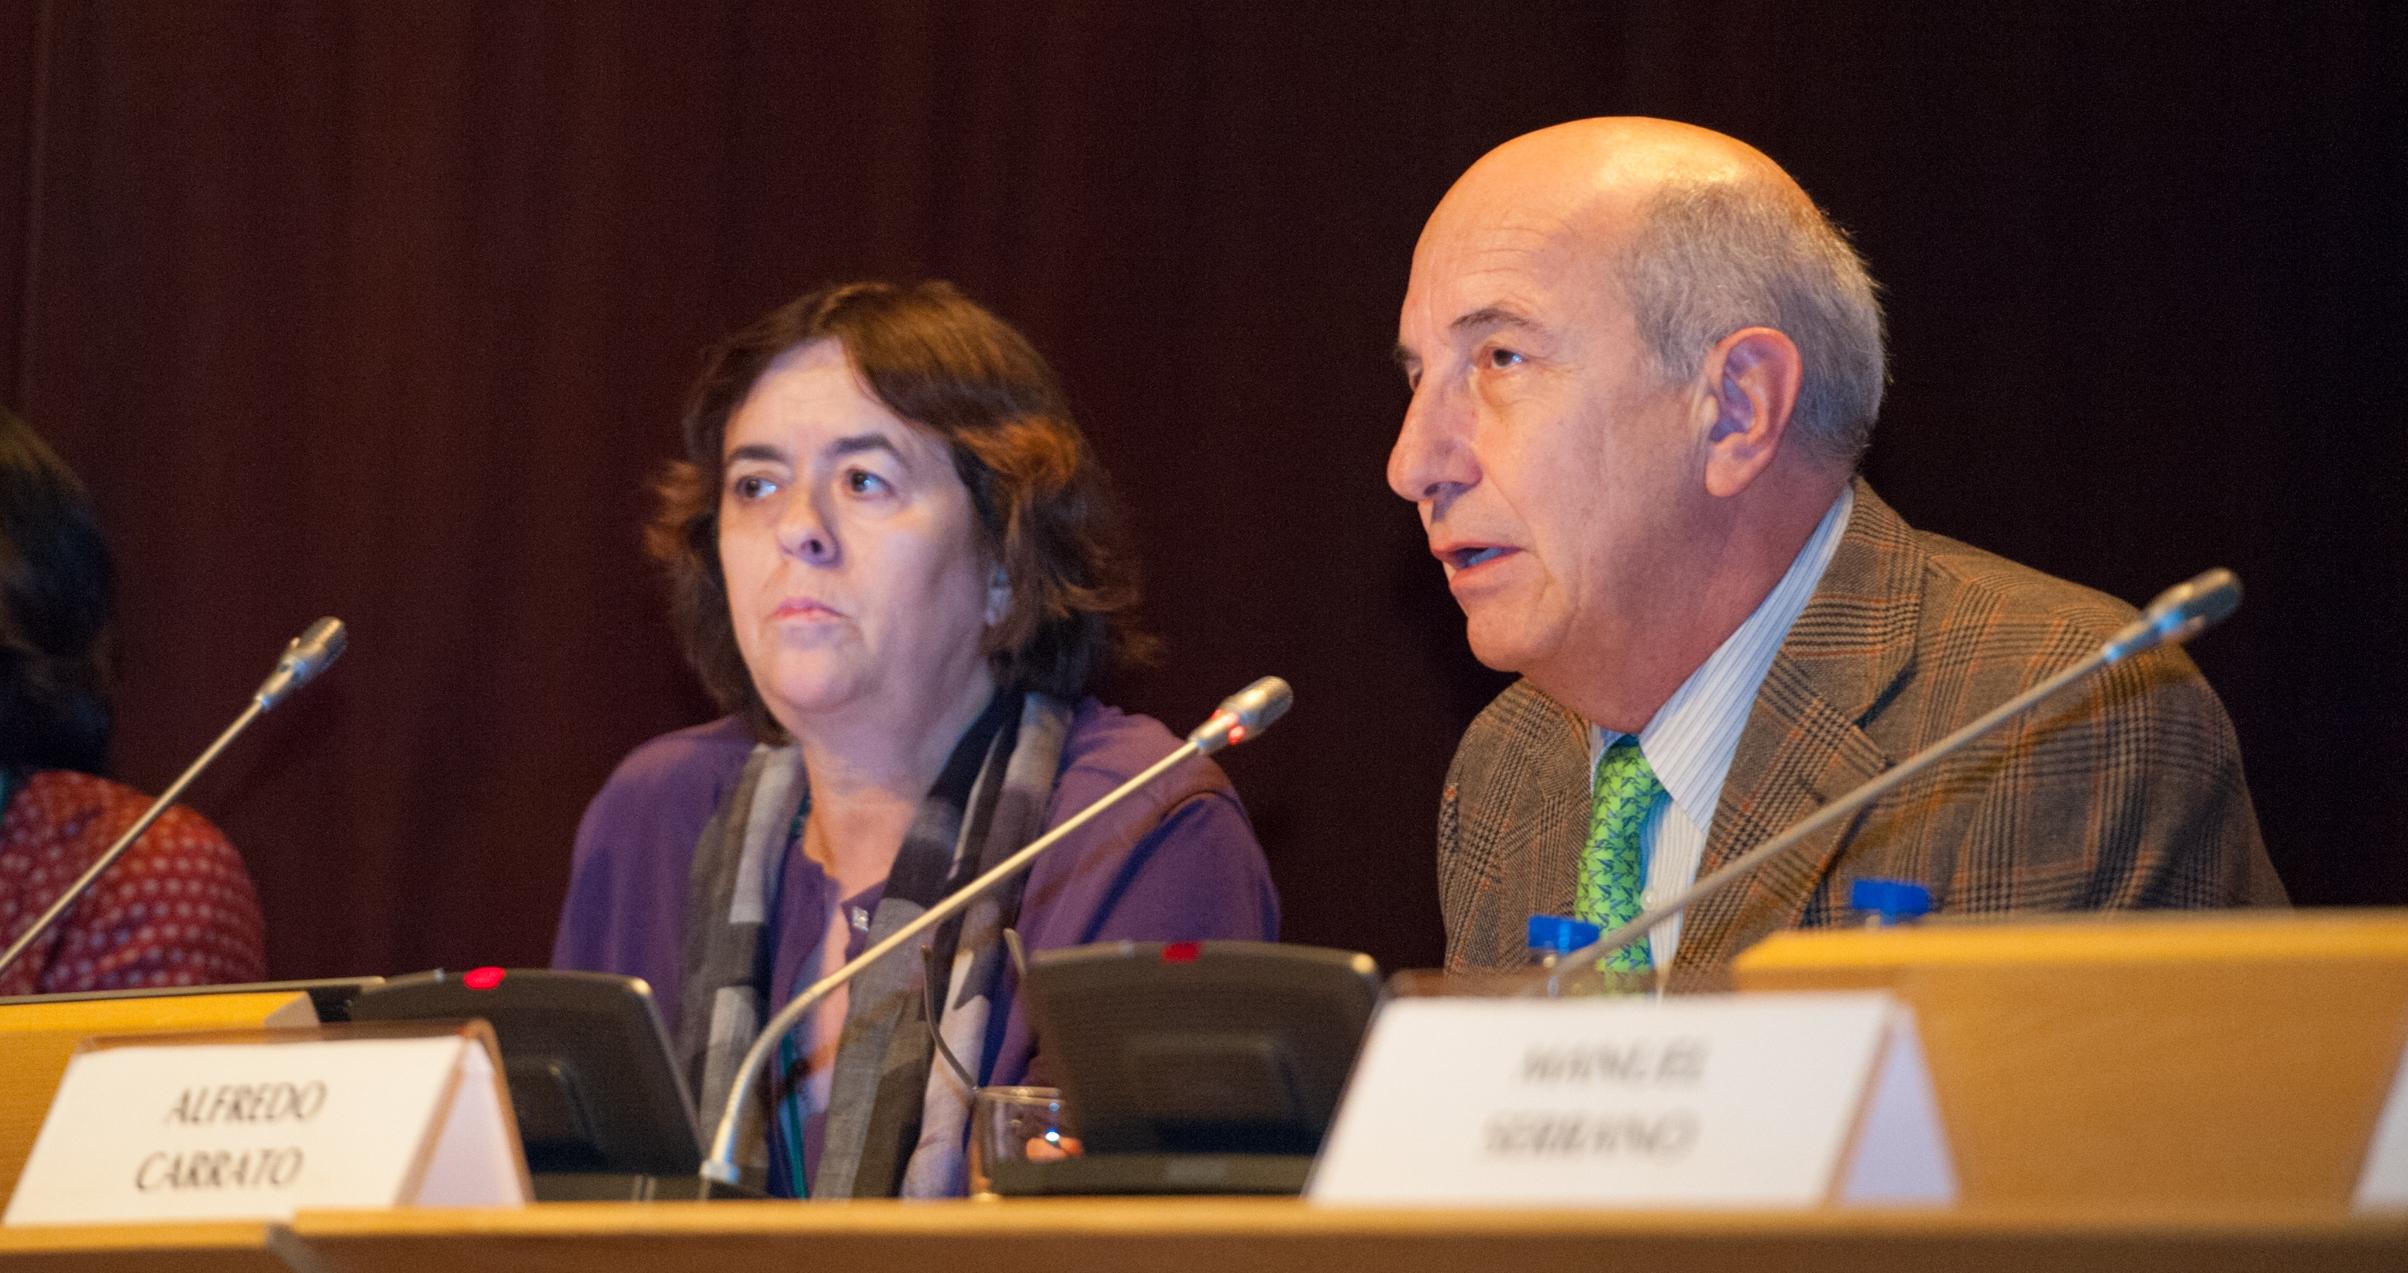 ASPIC-ASEICA Symposium Alfredo Carrato, leonor David and Goreti Sales